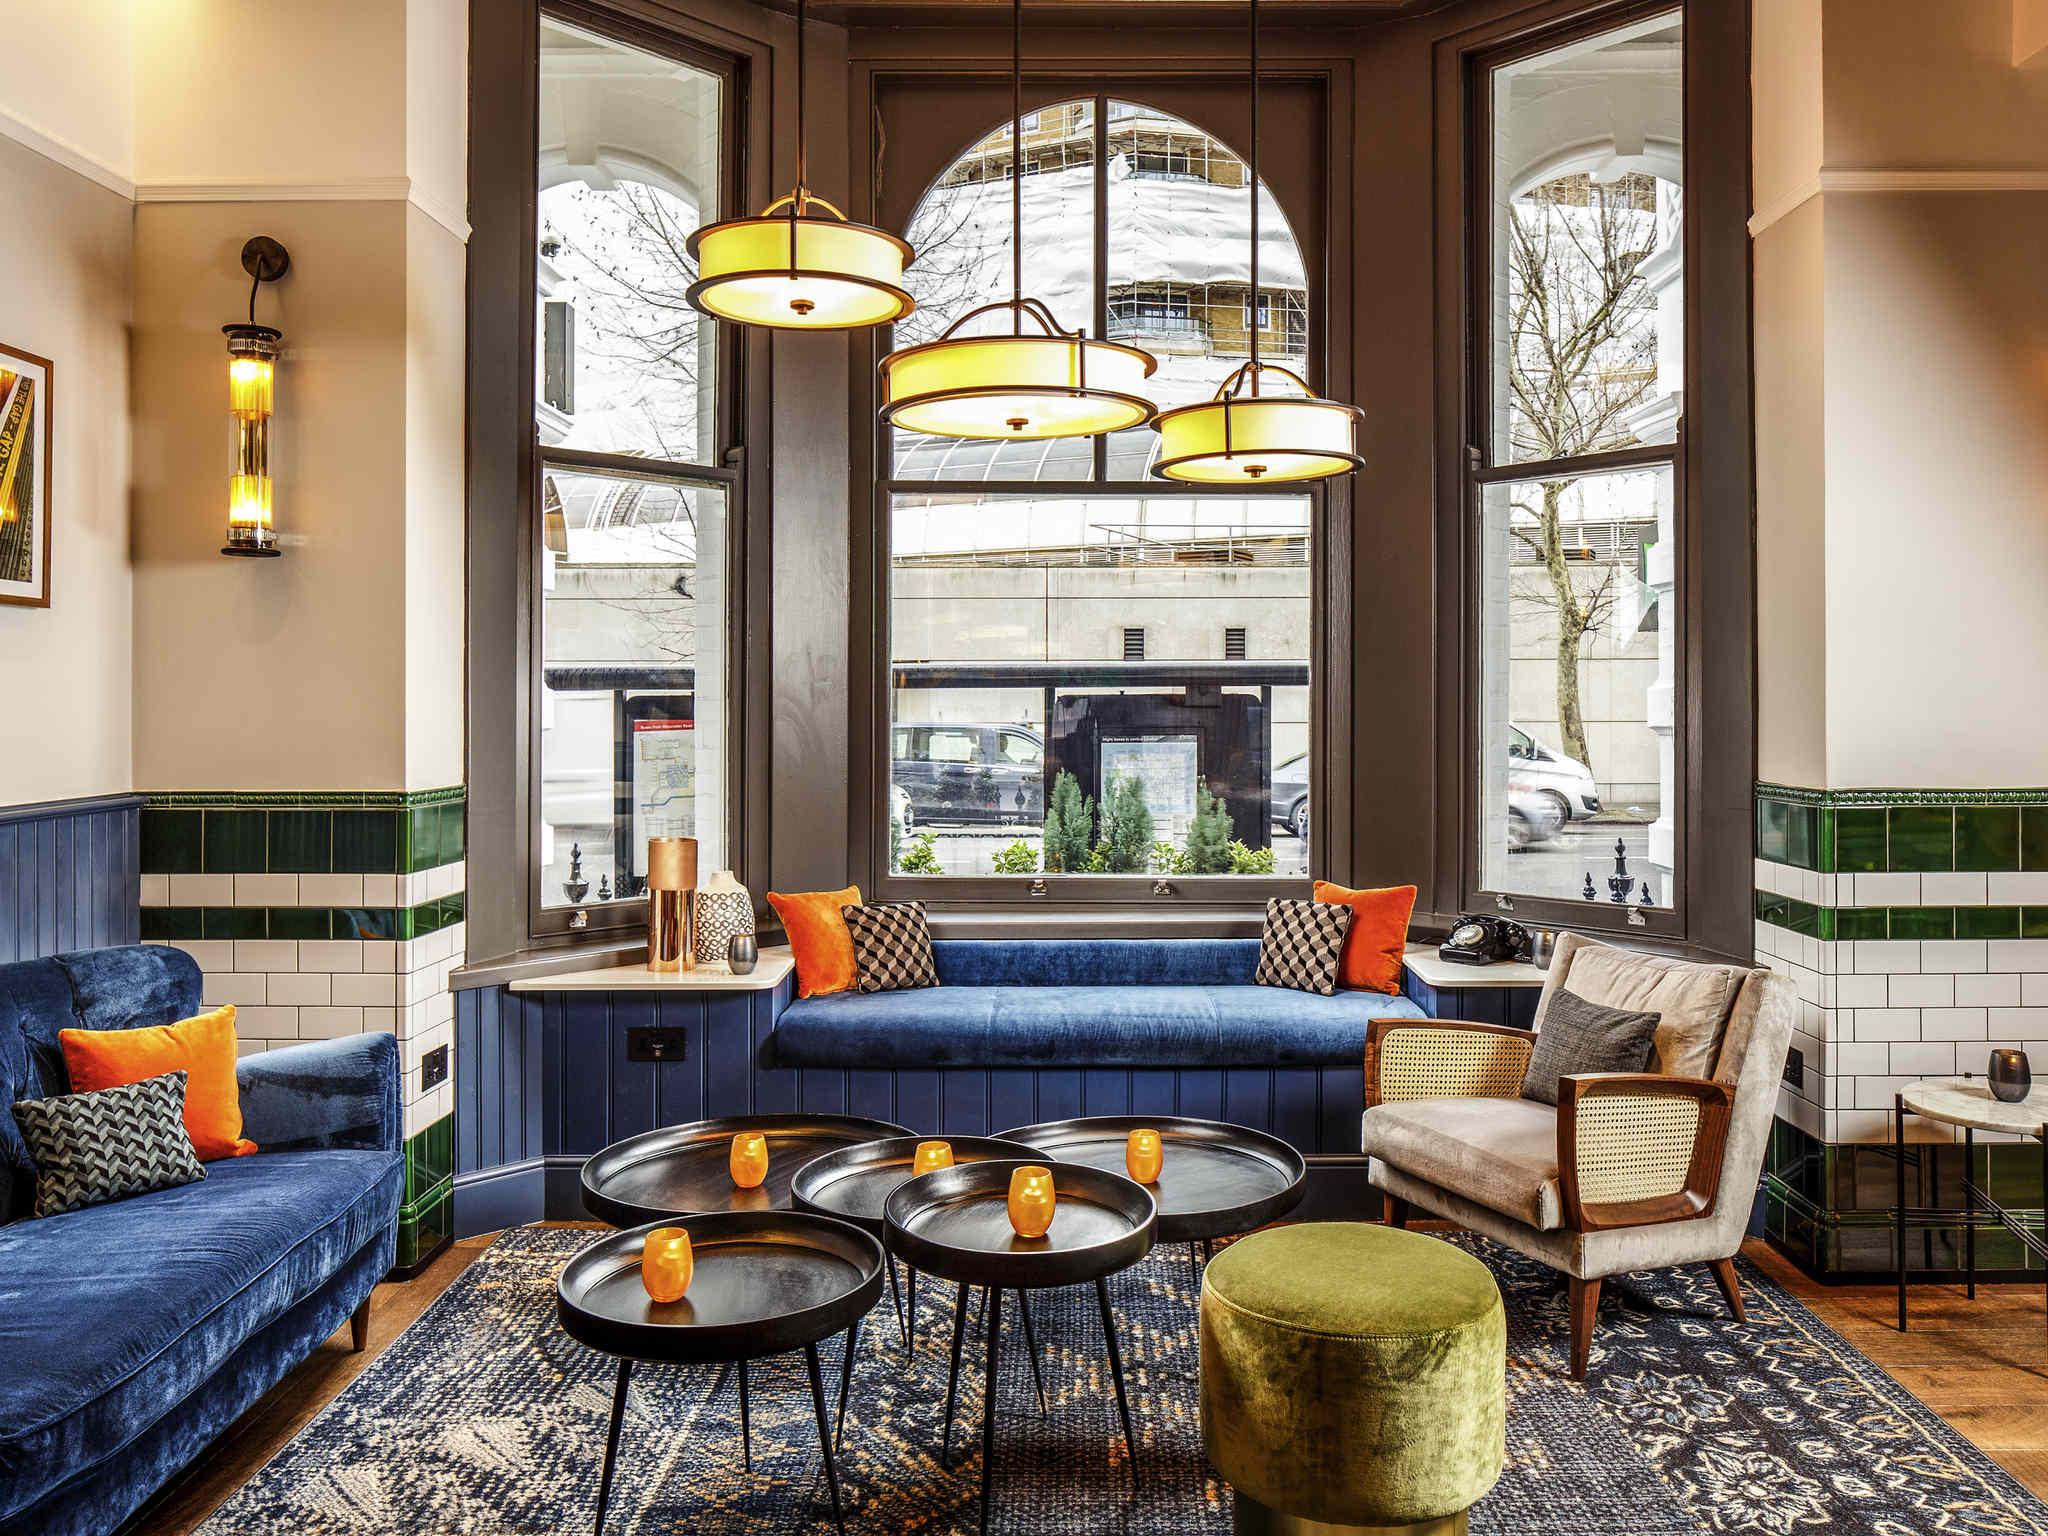 โรงแรม – ไอบิส สไตล์ ลอนดอน กลอสเตอร์ โร้ด (เปิดให้บริการ มกราคม 2018)